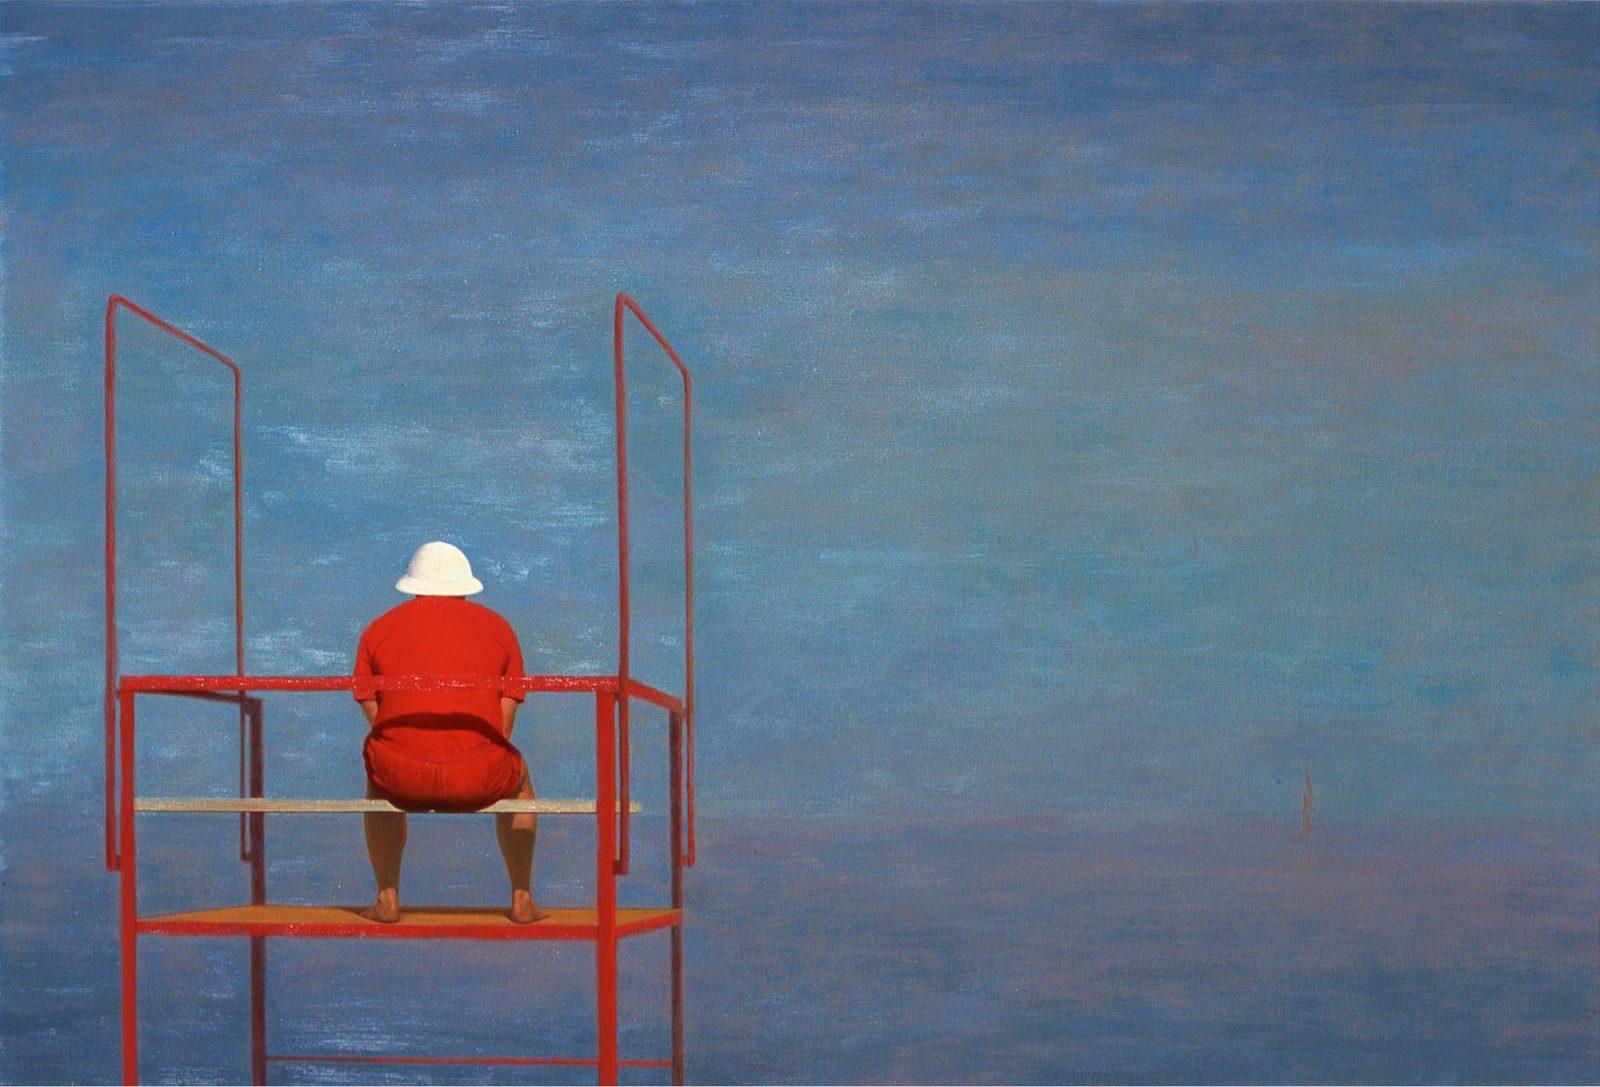 Paul Chizik - Red, White on Blue. Oil on Linen 5.5 x 8 Feet